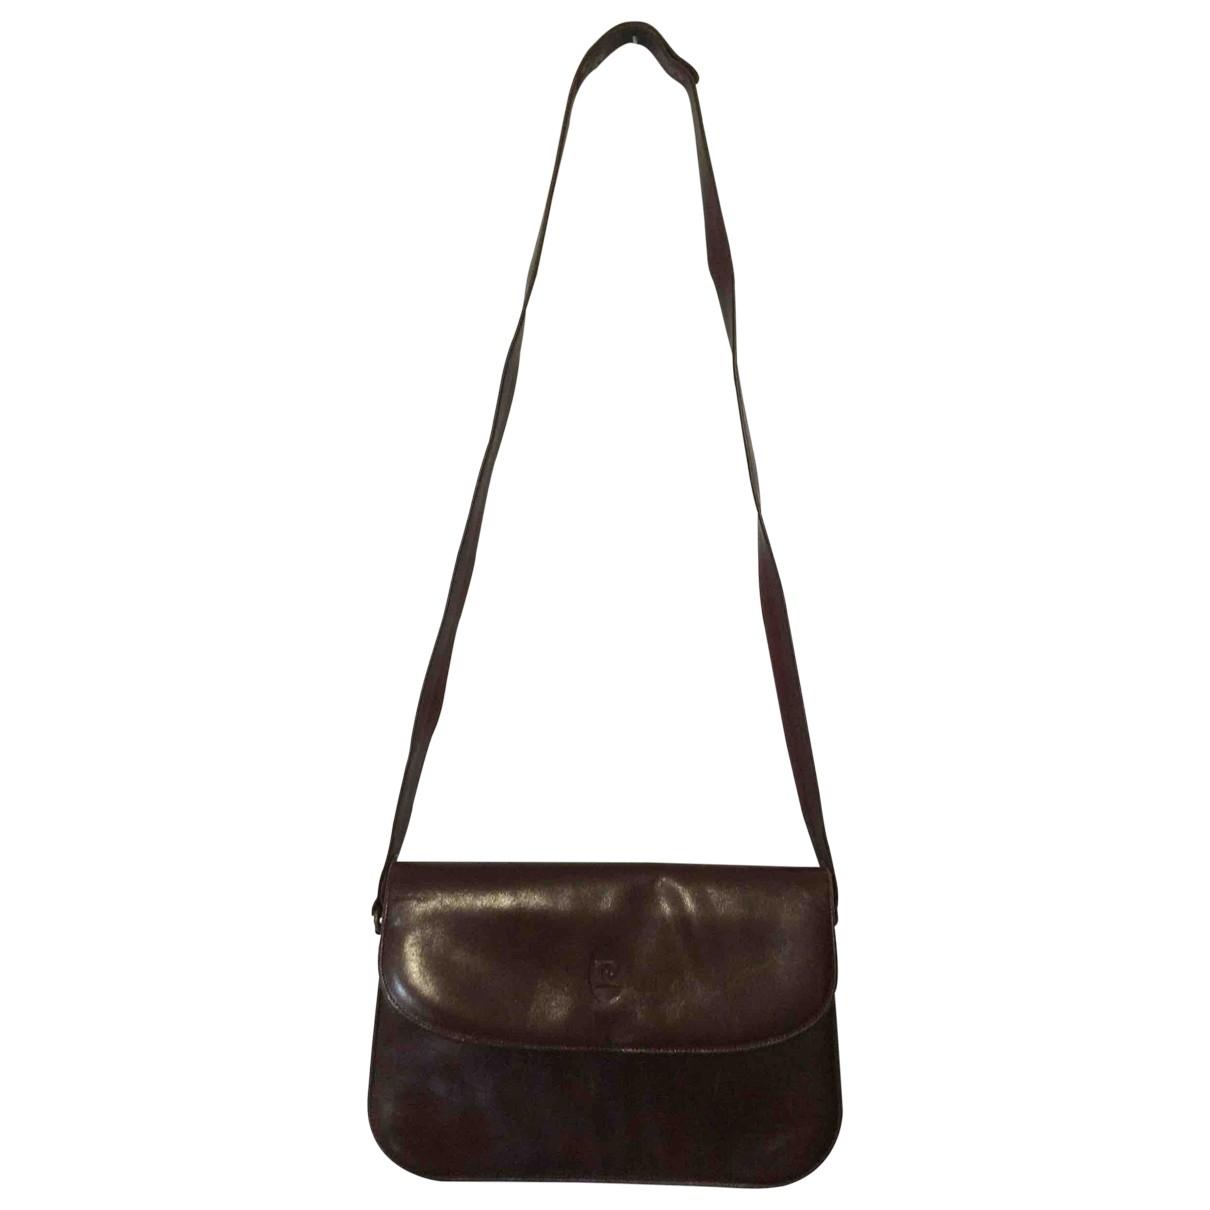 Pierre Cardin - Sac a main   pour femme en cuir - marron